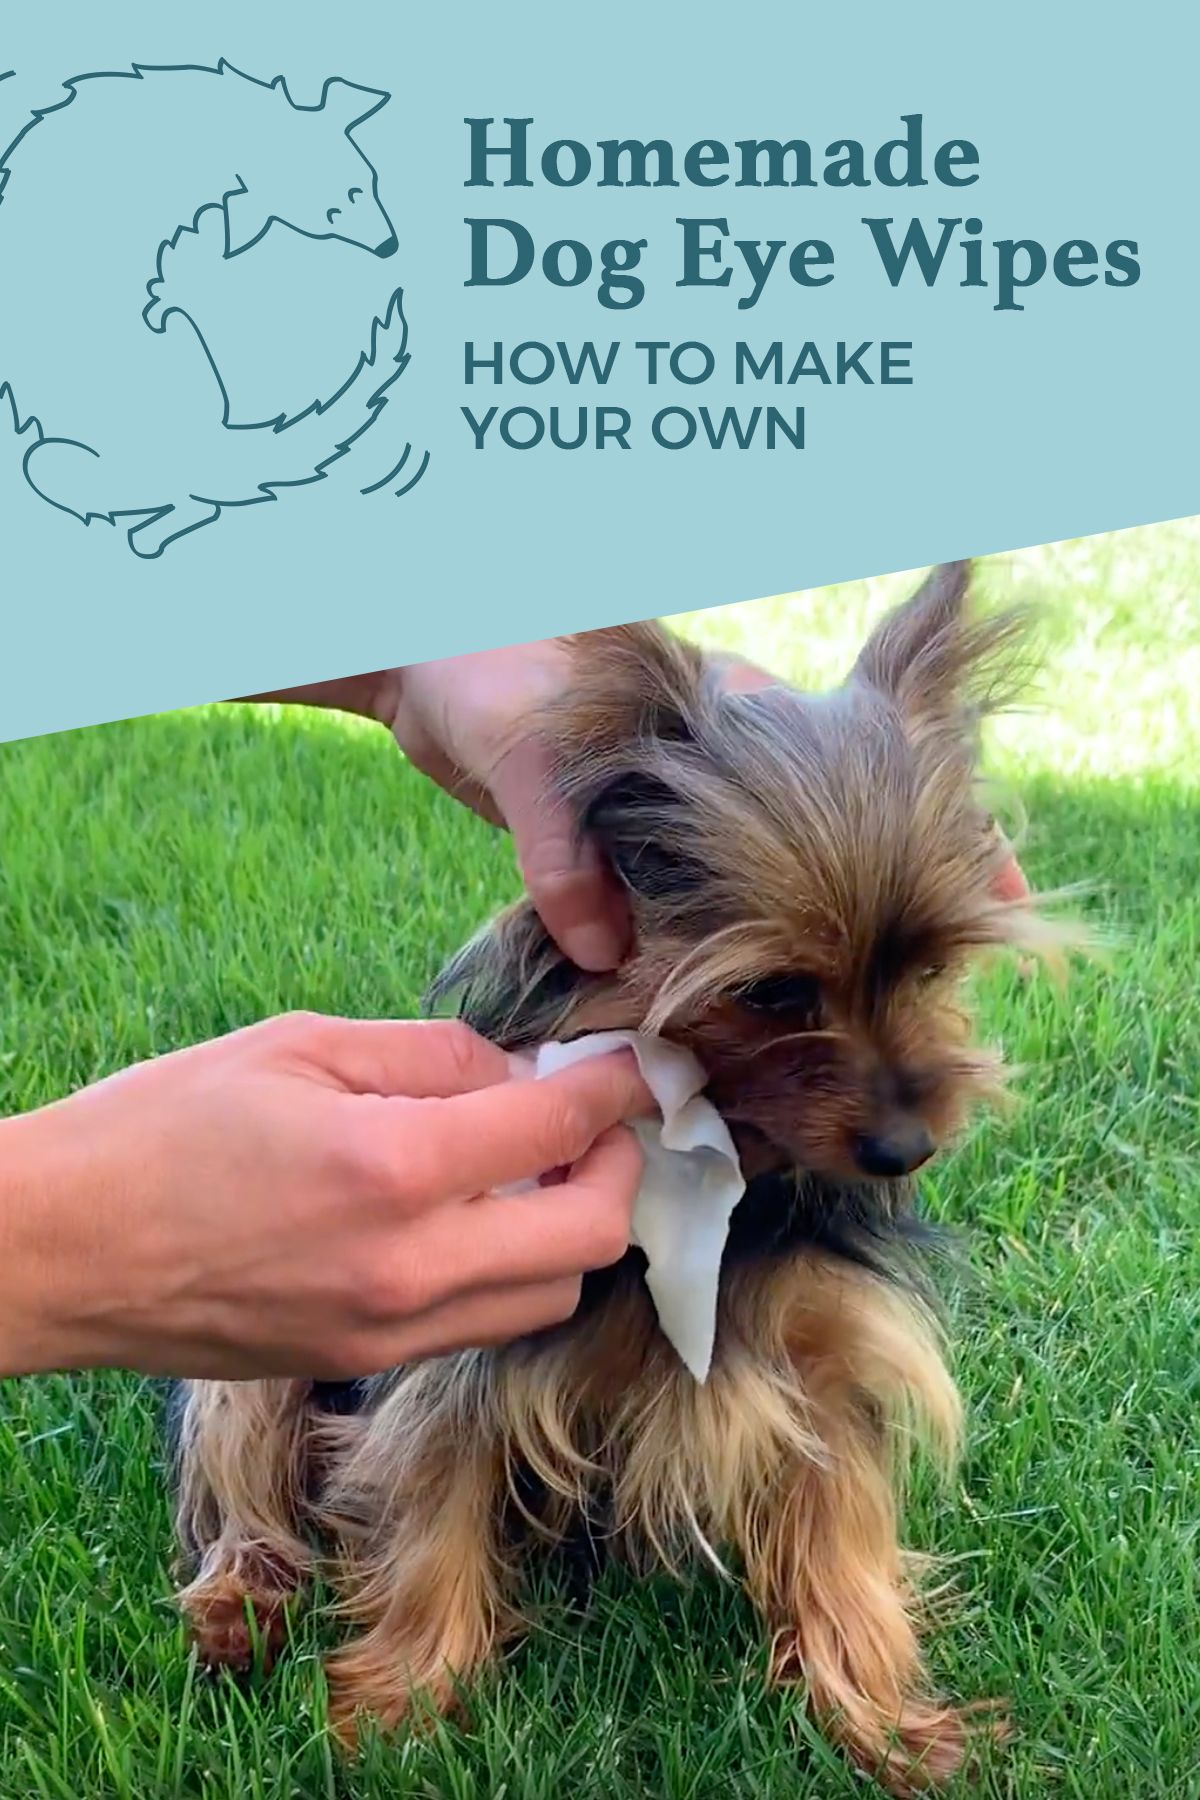 d8929134739f0981c824d0e2d0e1fe5a - How To Get Eye Boogers Out Of Dog S Eyes